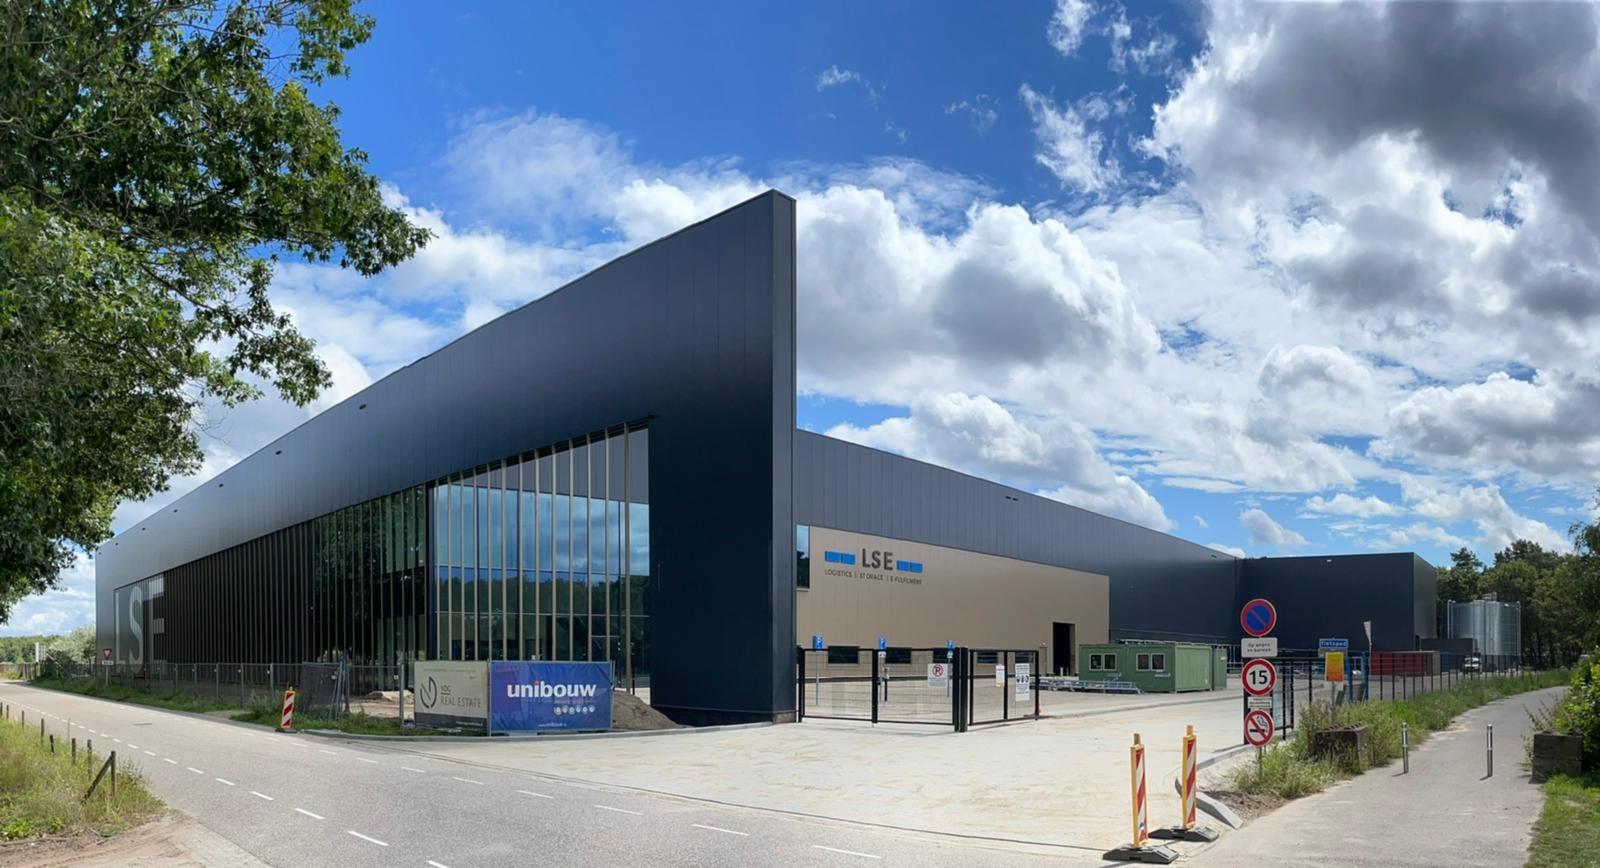 VDG Real Estate levert VDG Warehouse Venlo op; Huurder LSE heeft zijn intrek genomen